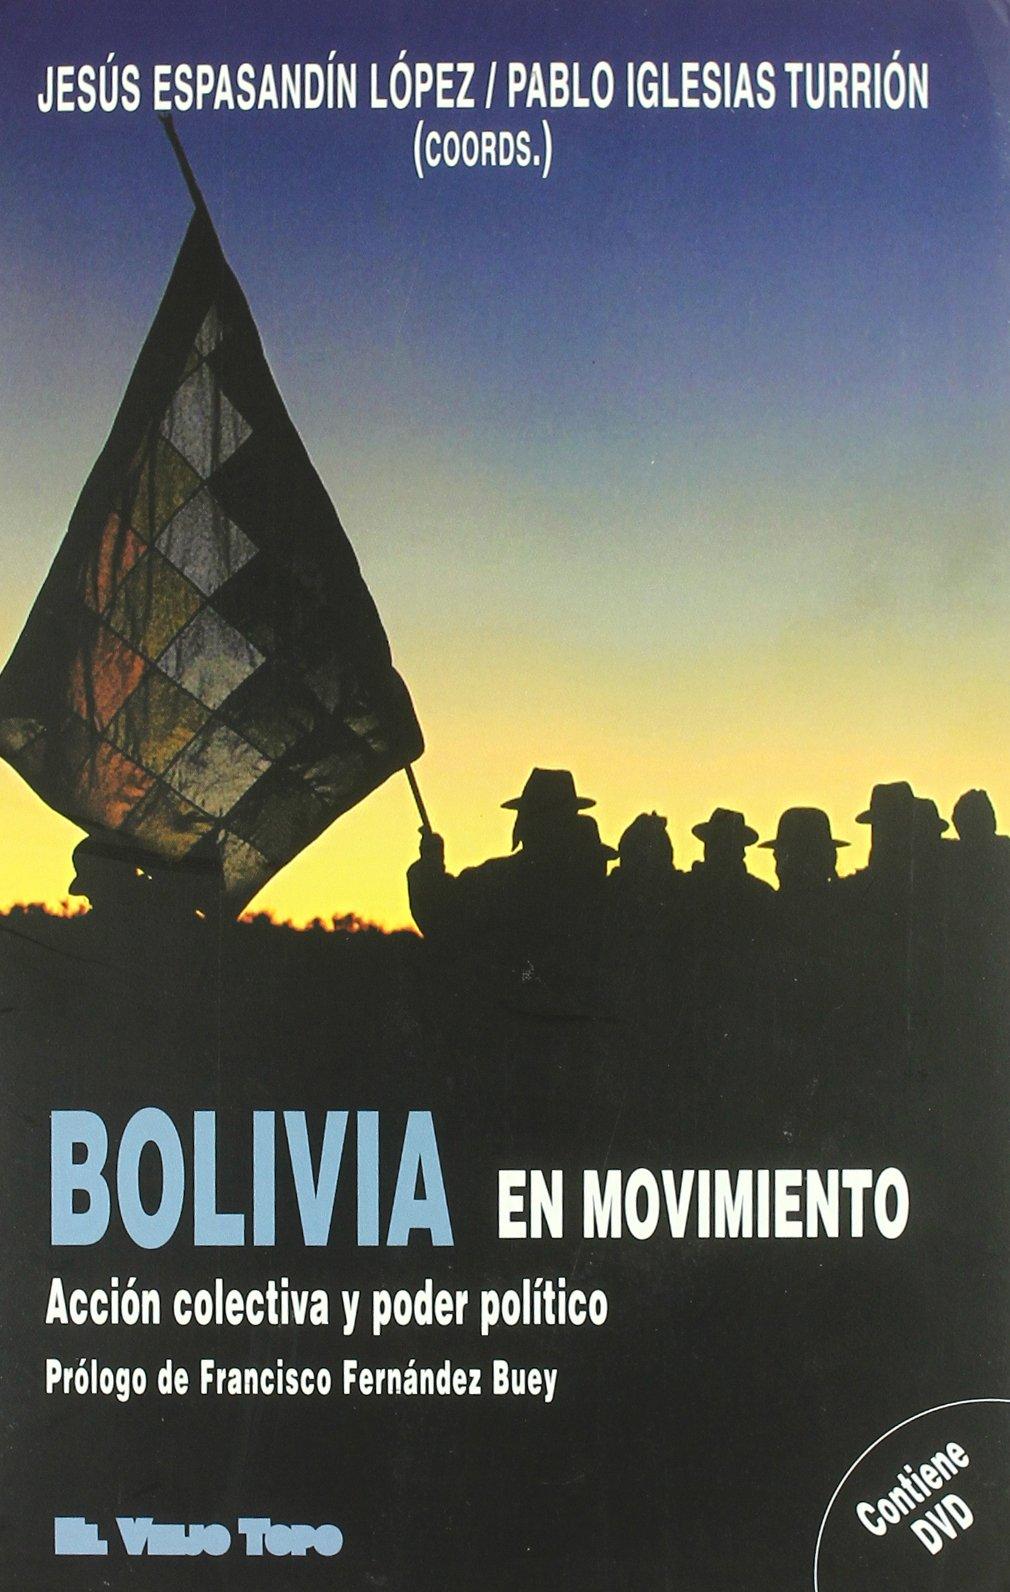 Bolivia en movimiento: Acción colectiva y poder político: Amazon.es: Jesus S Espasandin Lopez, Pablo Iglesias Turrion: Libros